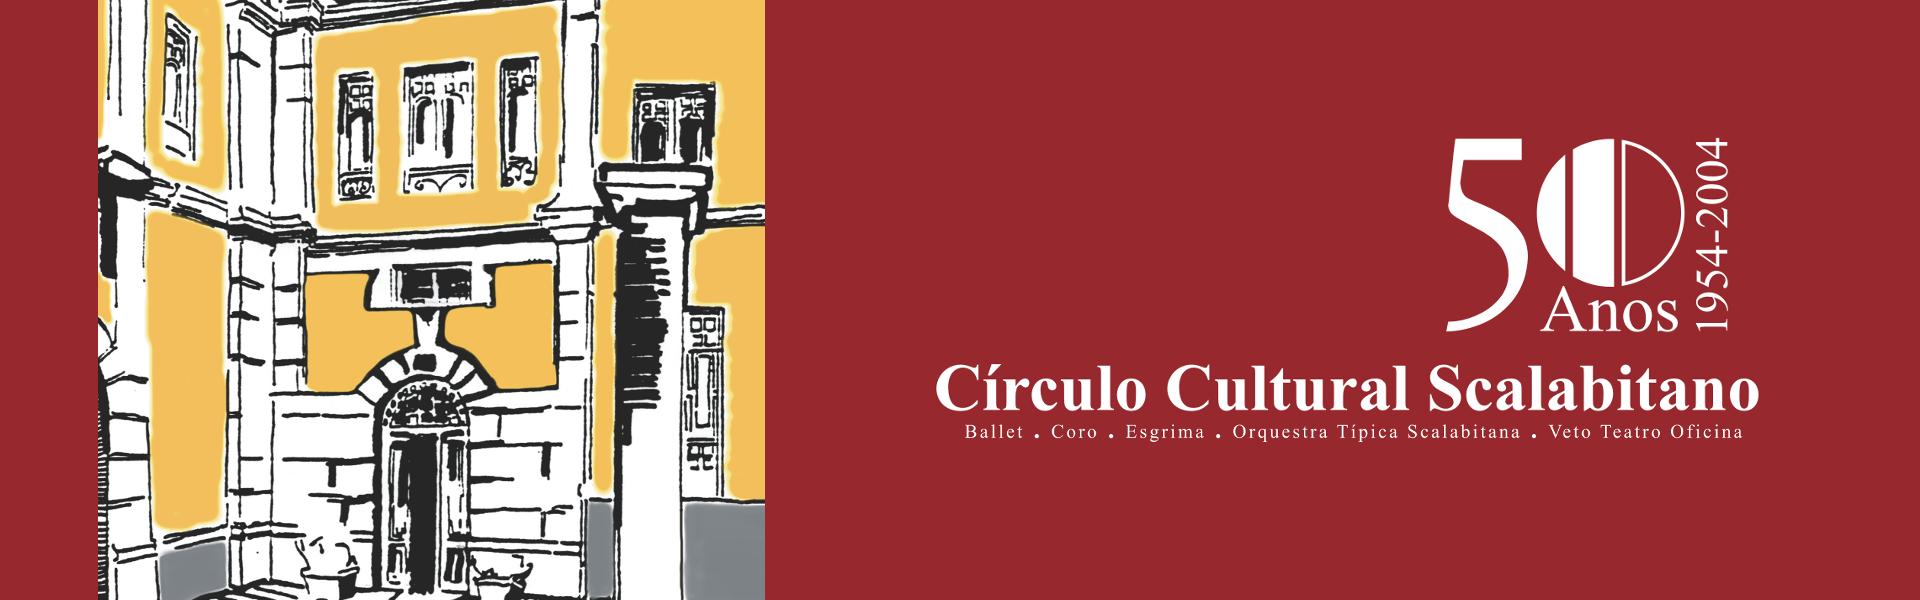 Círculo Cultural Scalabitano